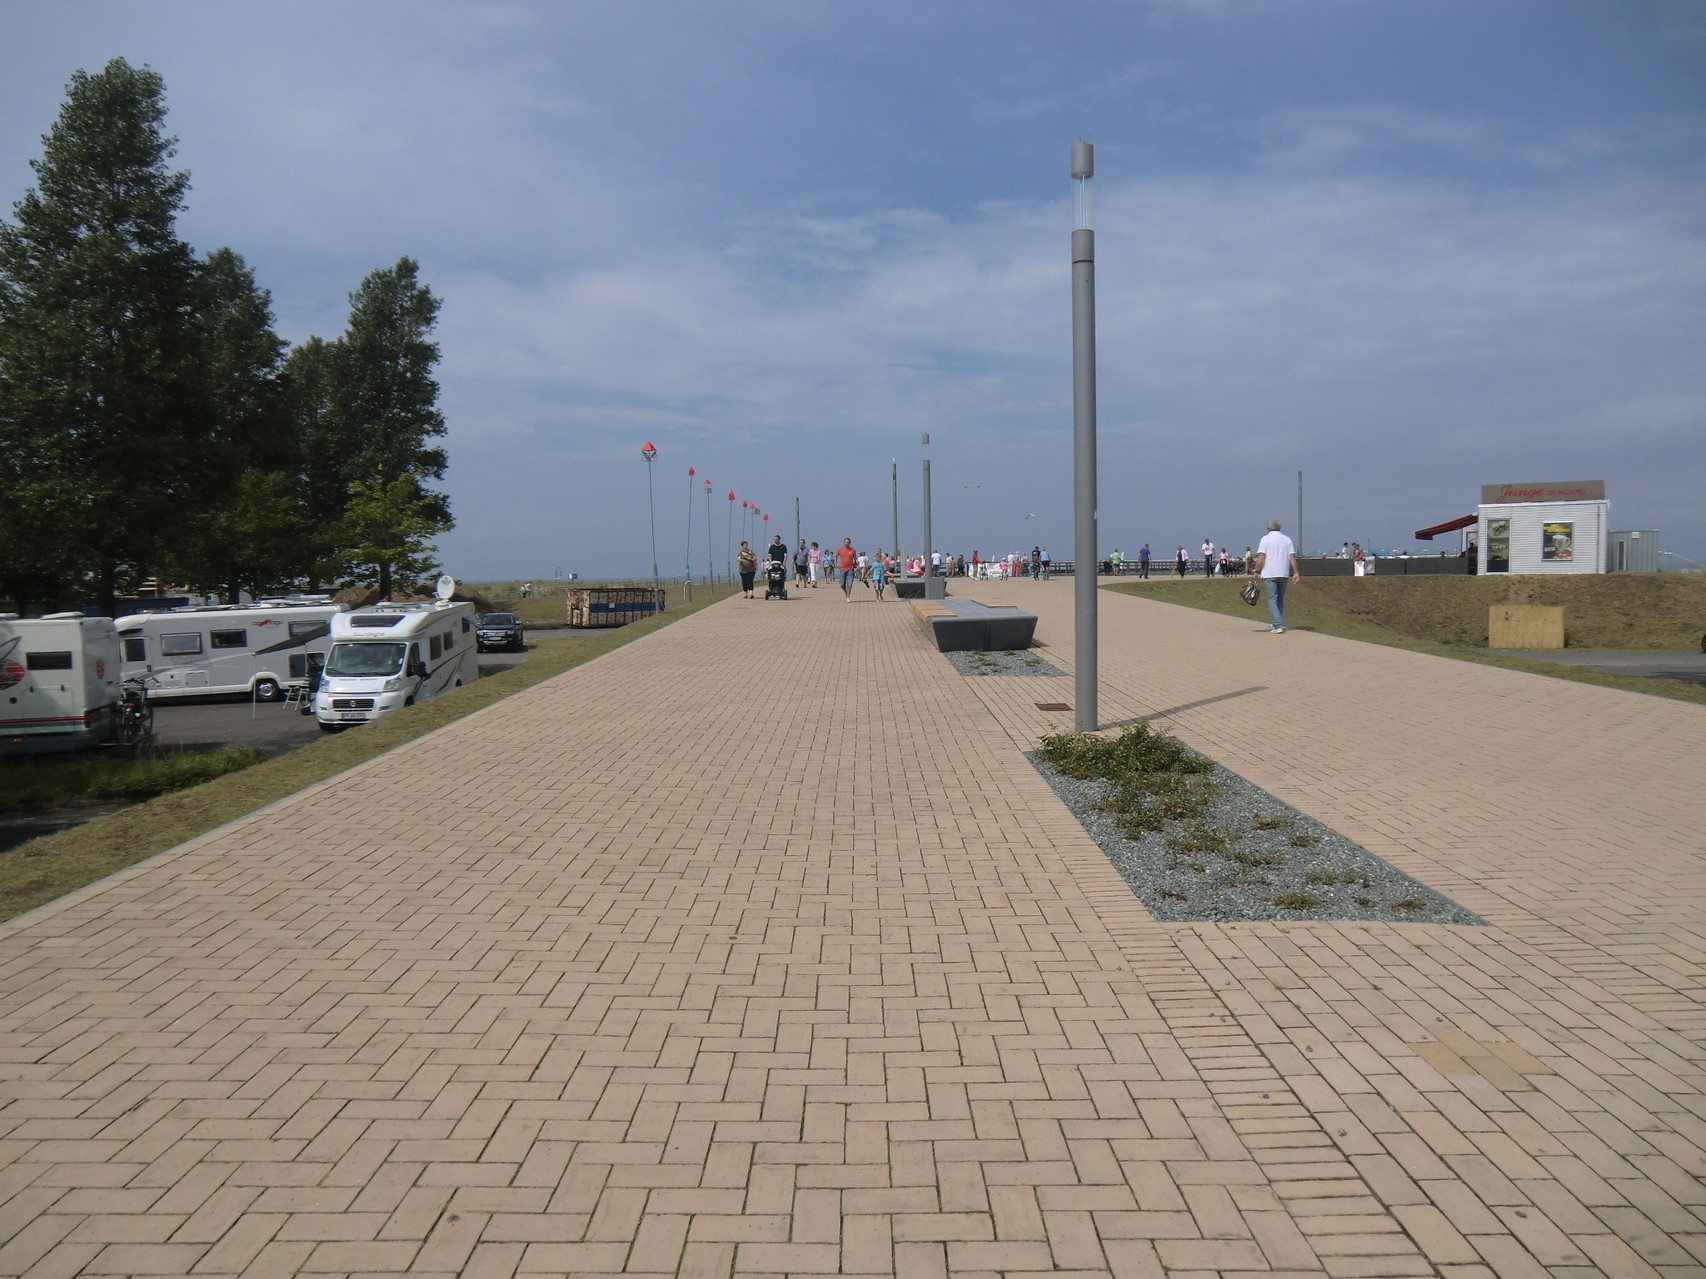 Promenade zur Seebrücke